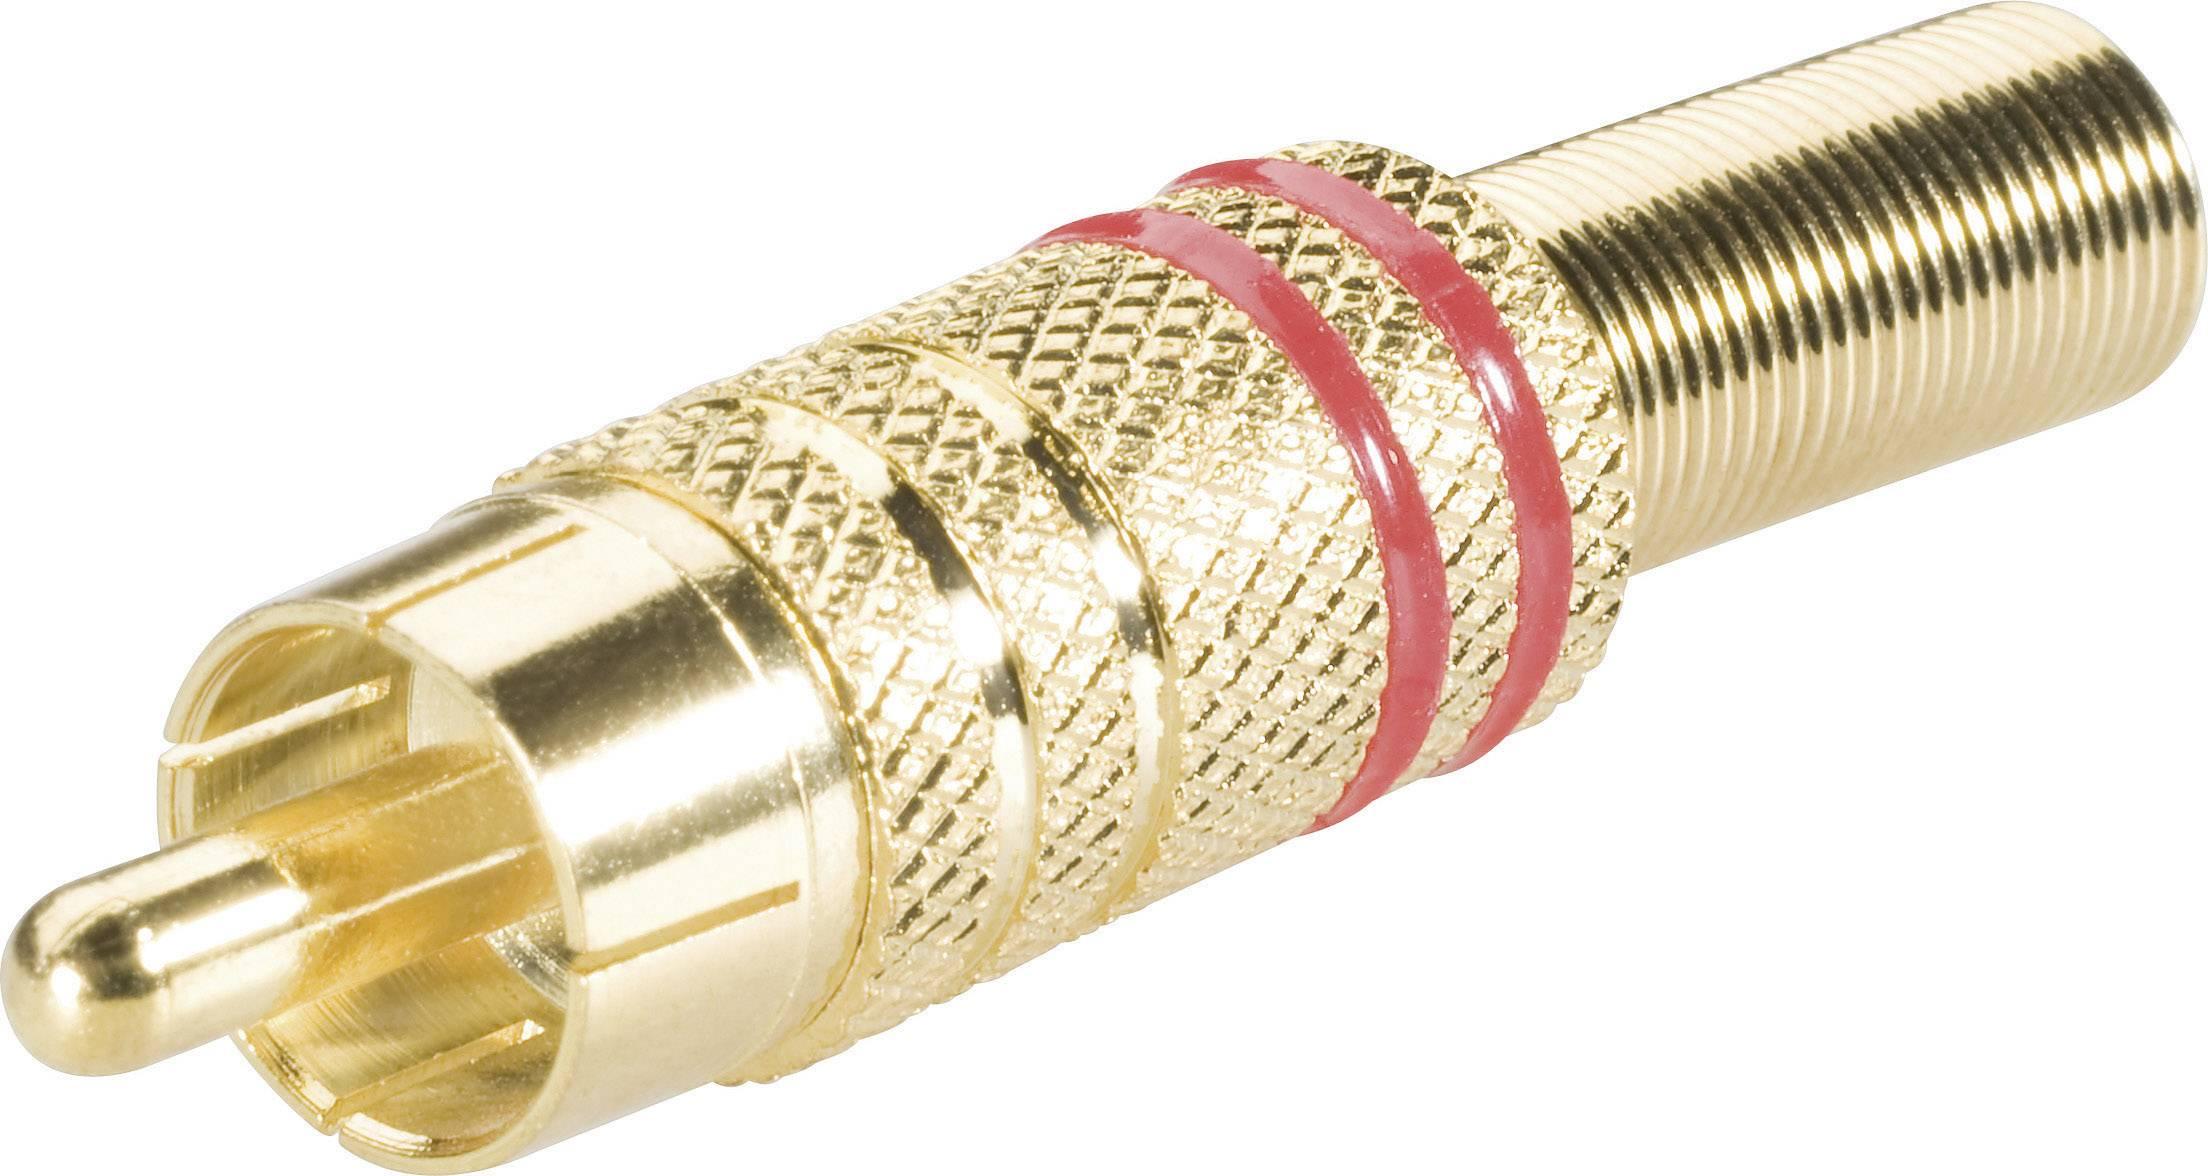 Cinch konektor zástrčka, rovná BKL Electronic 0101007, pinov 2, červená, 1 ks